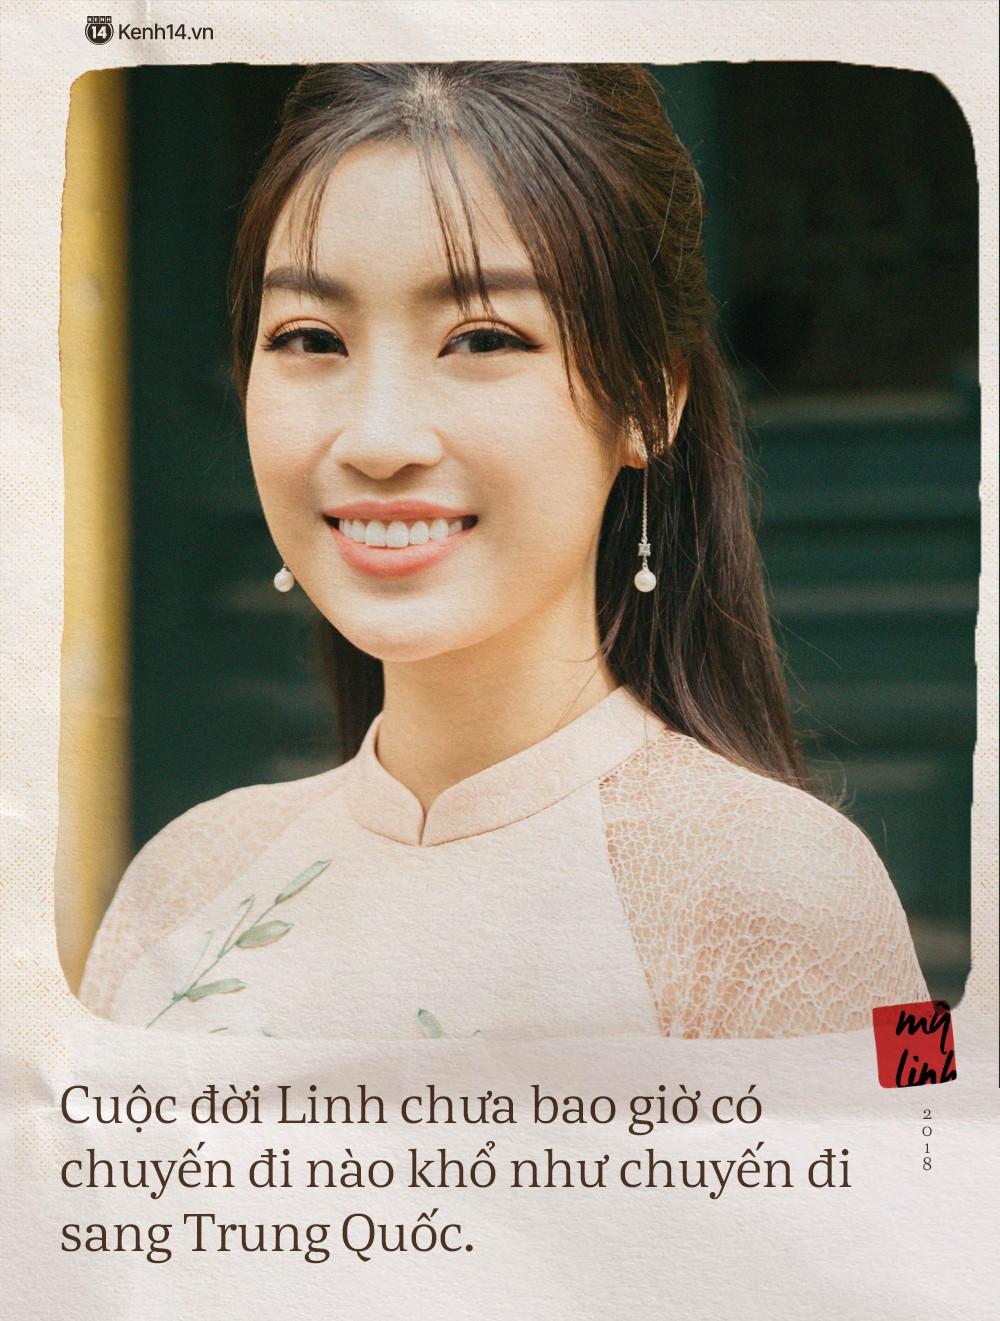 Hoa hậu Mỹ Linh kể chuyện Tết này vẫn ế, bật mí chi tiết về chuyến đi bão táp sang Trung Quốc cổ vũ U23 Việt Nam - Ảnh 6.